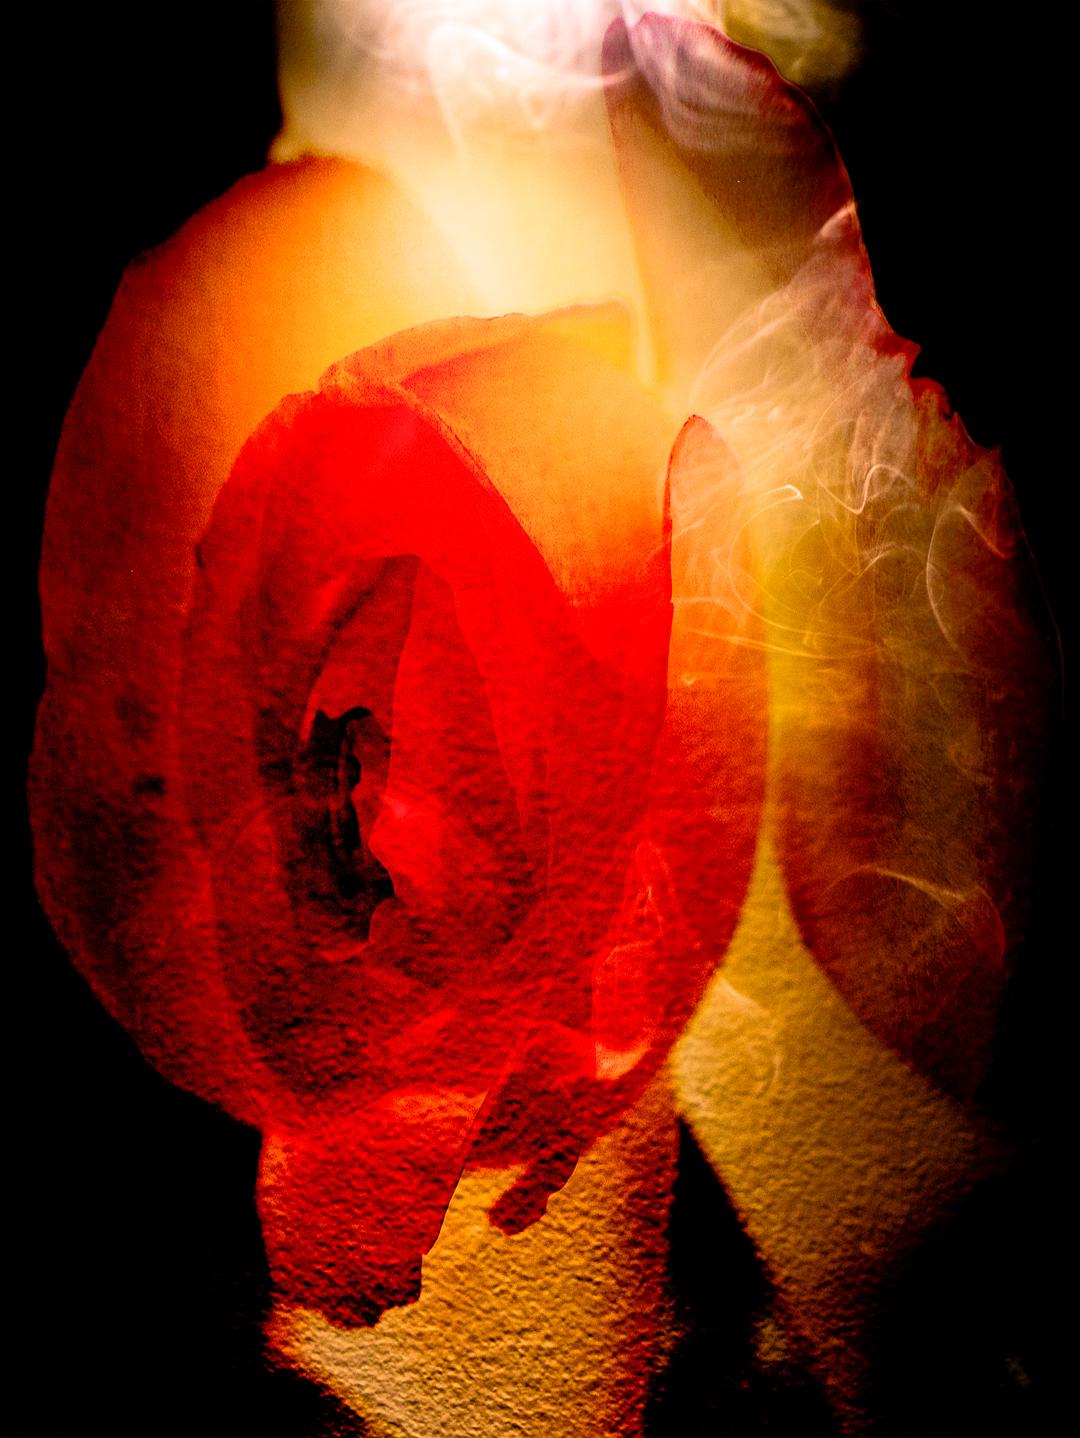 Rosesmoke3-16.jpg